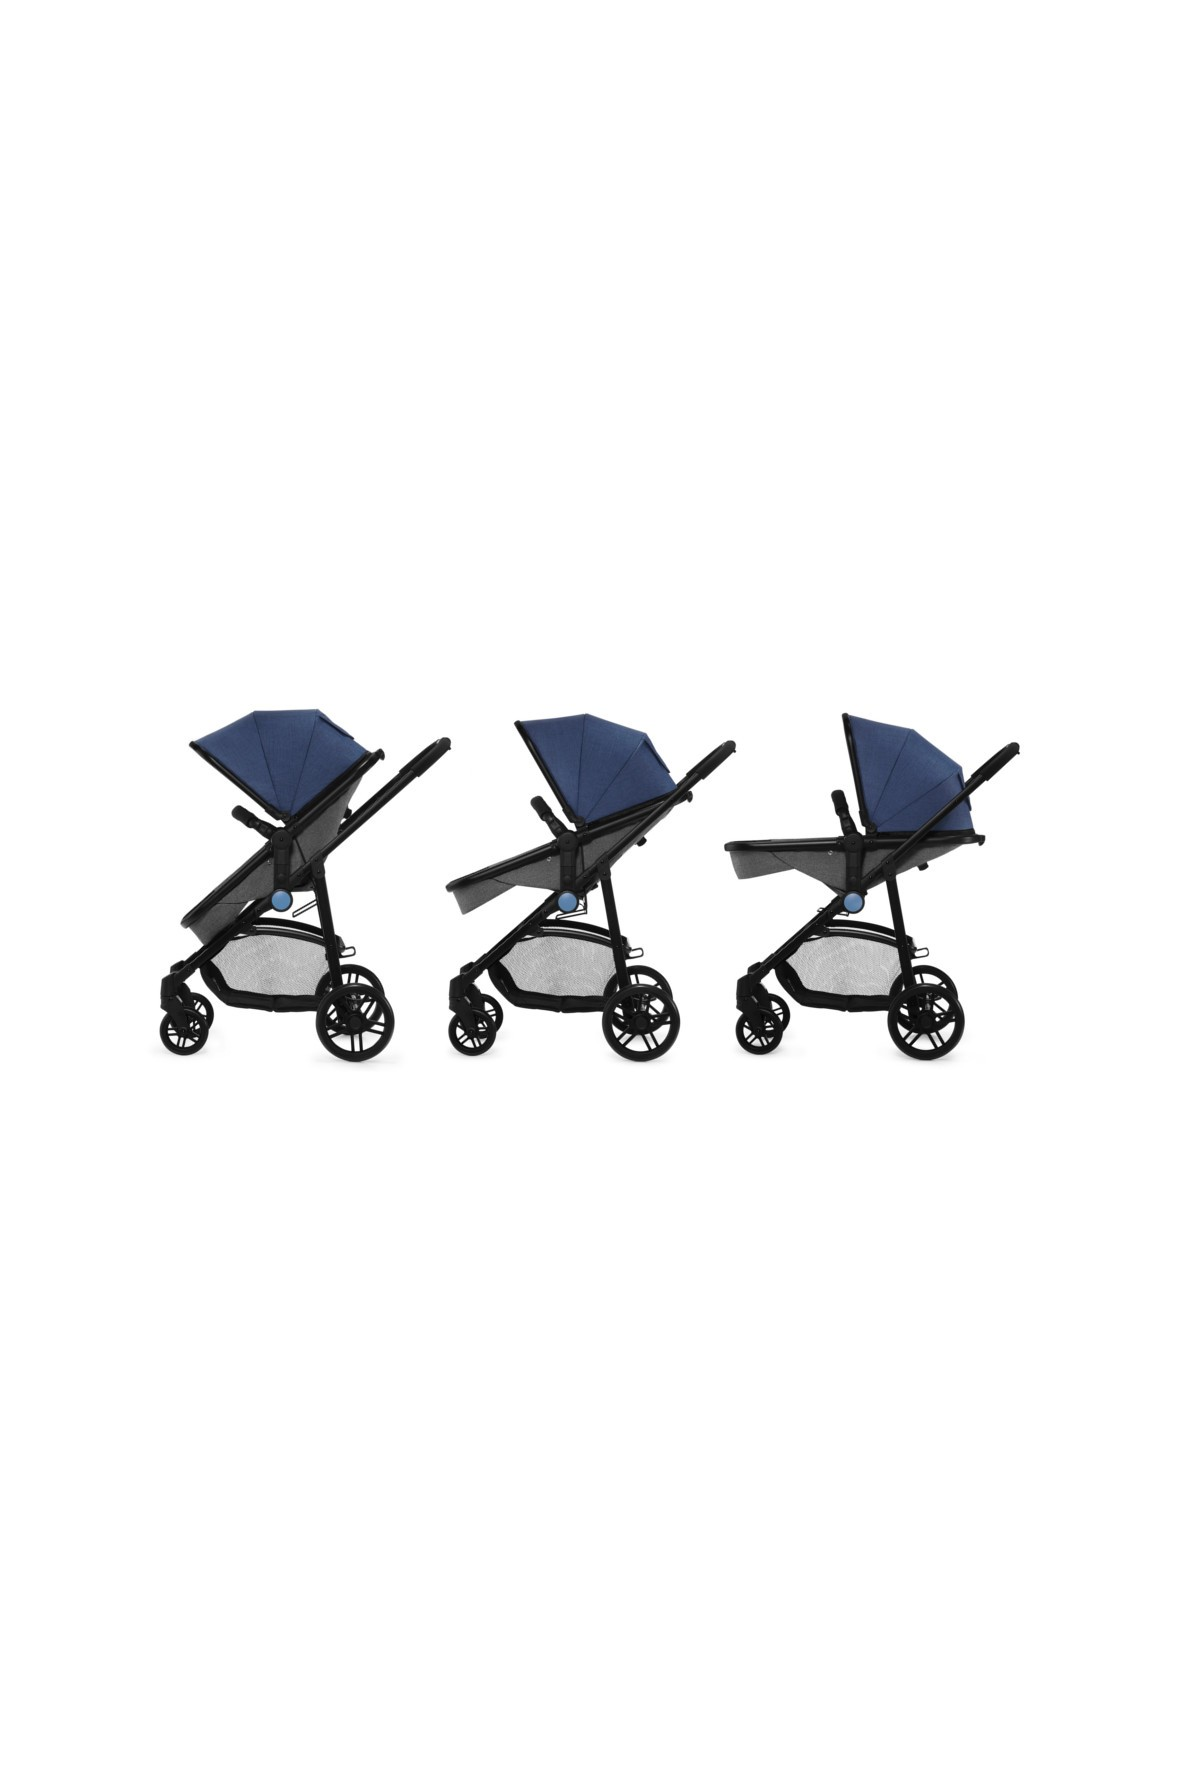 Kinderkraft wózek wielofunkcyjny 2w1 JULI